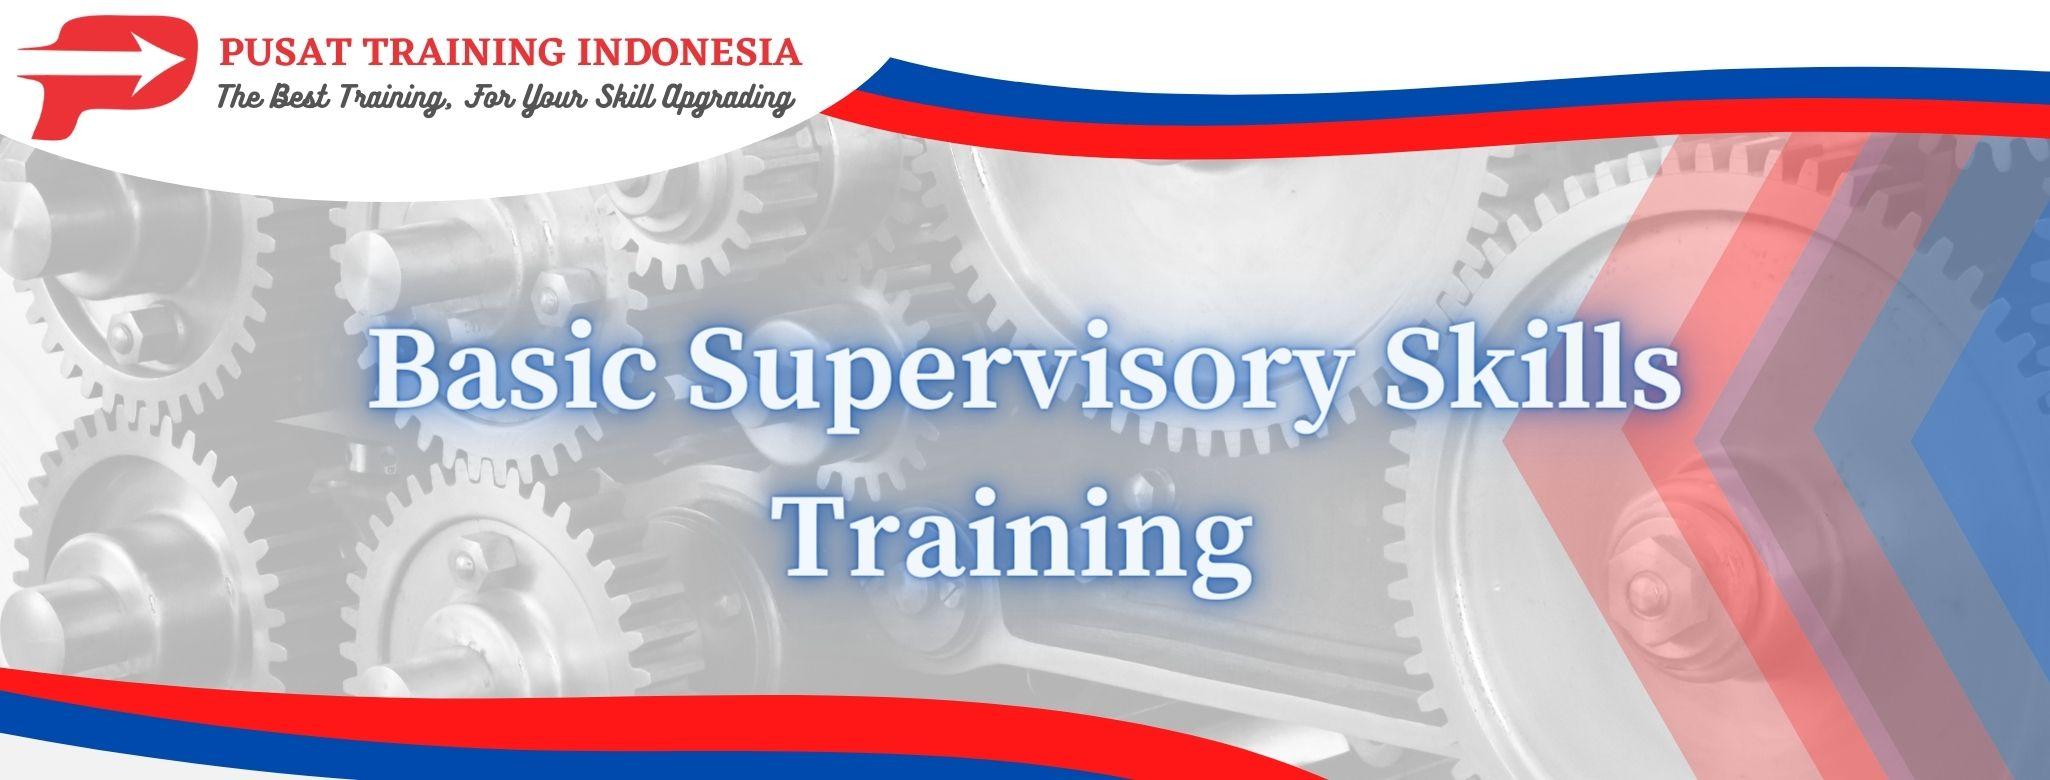 Basic-Supervisory-Skills-Training